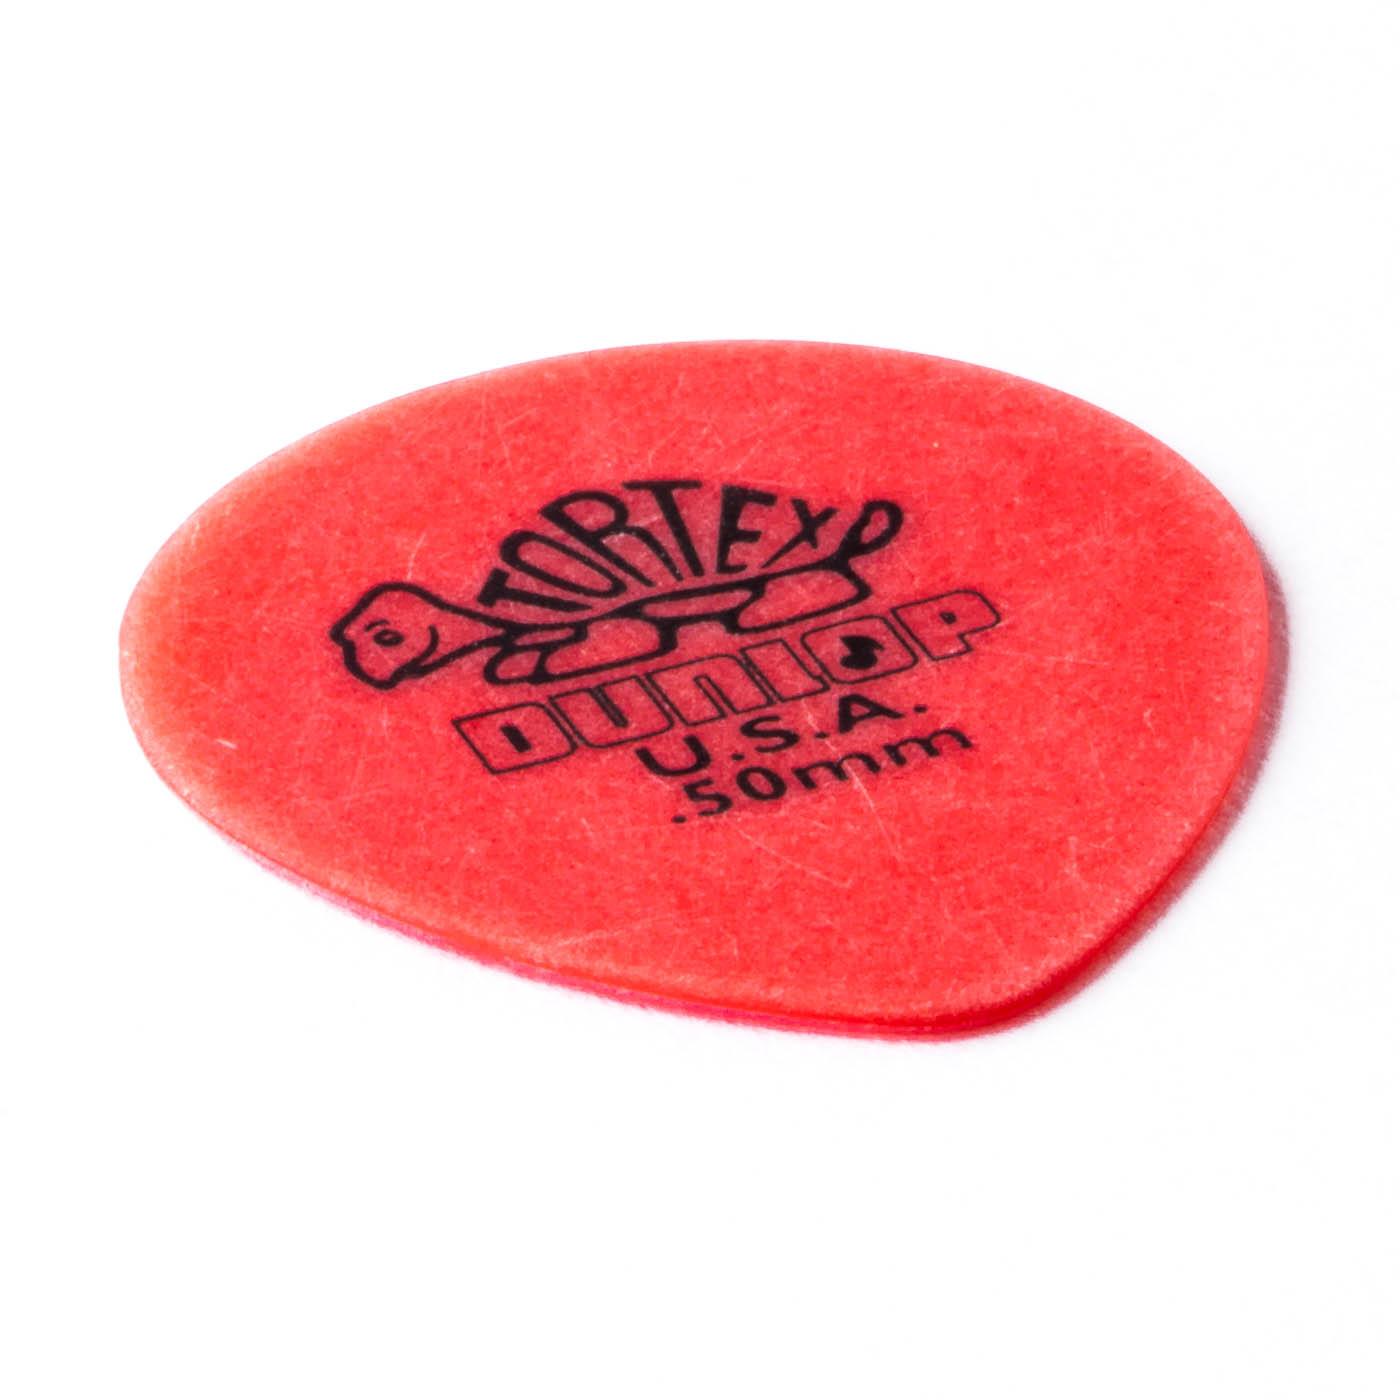 Dunlop Tortex Tear Drop 0,50 red